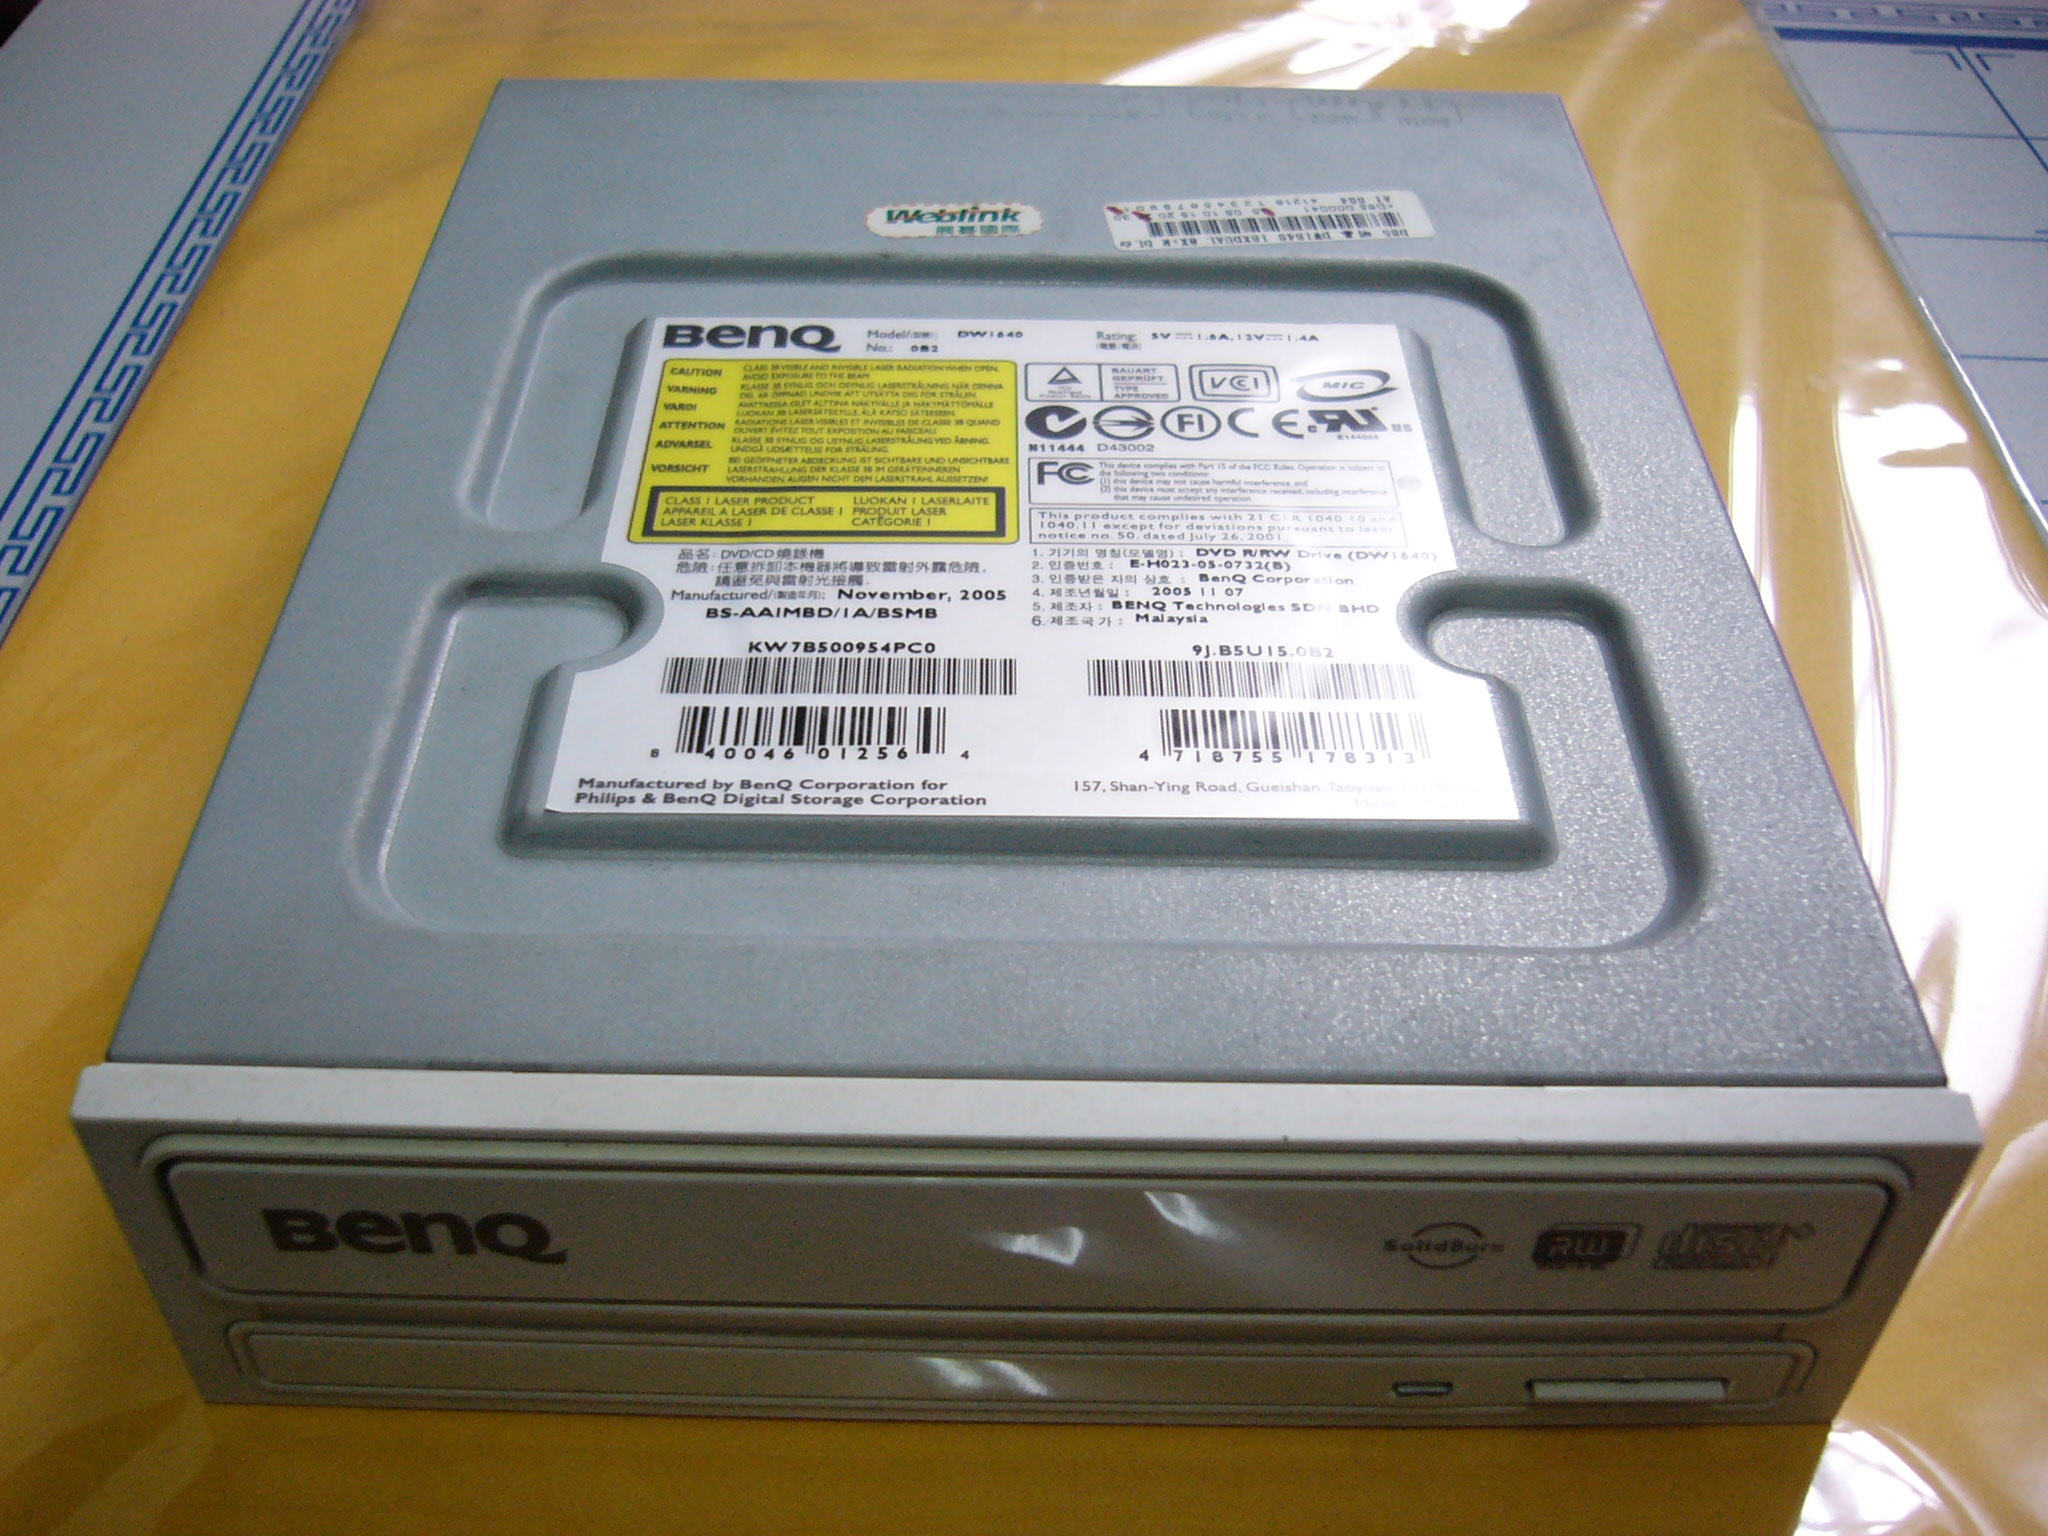 Benq DW1640A BSPB X64 Driver Download